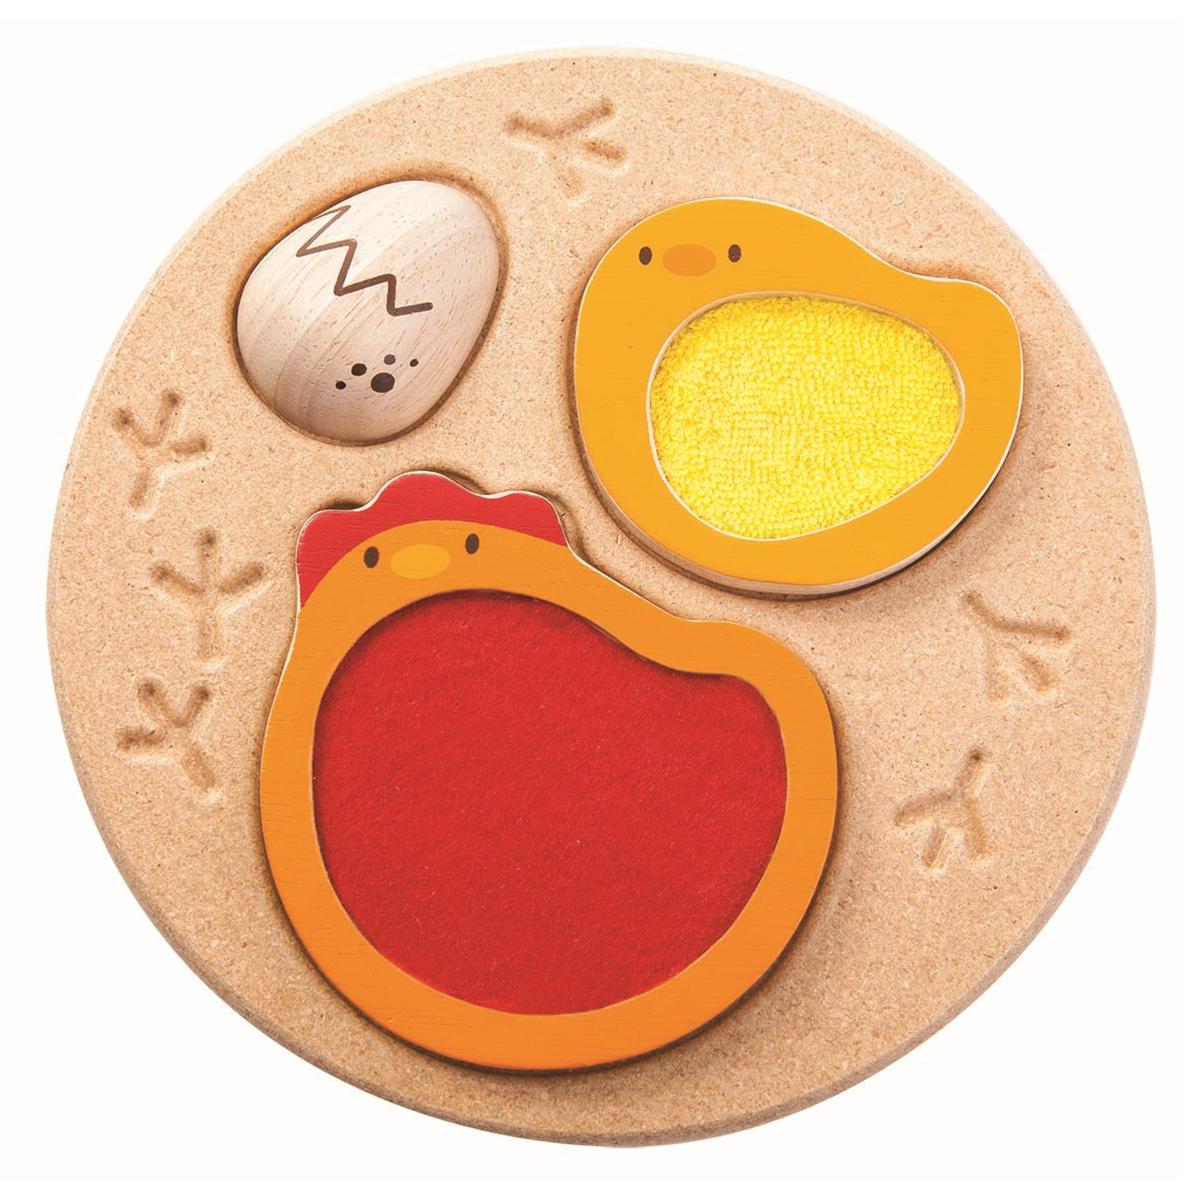 Mes premiers jouets Puzzle Poule Oeuf Puzzle Poule Oeuf